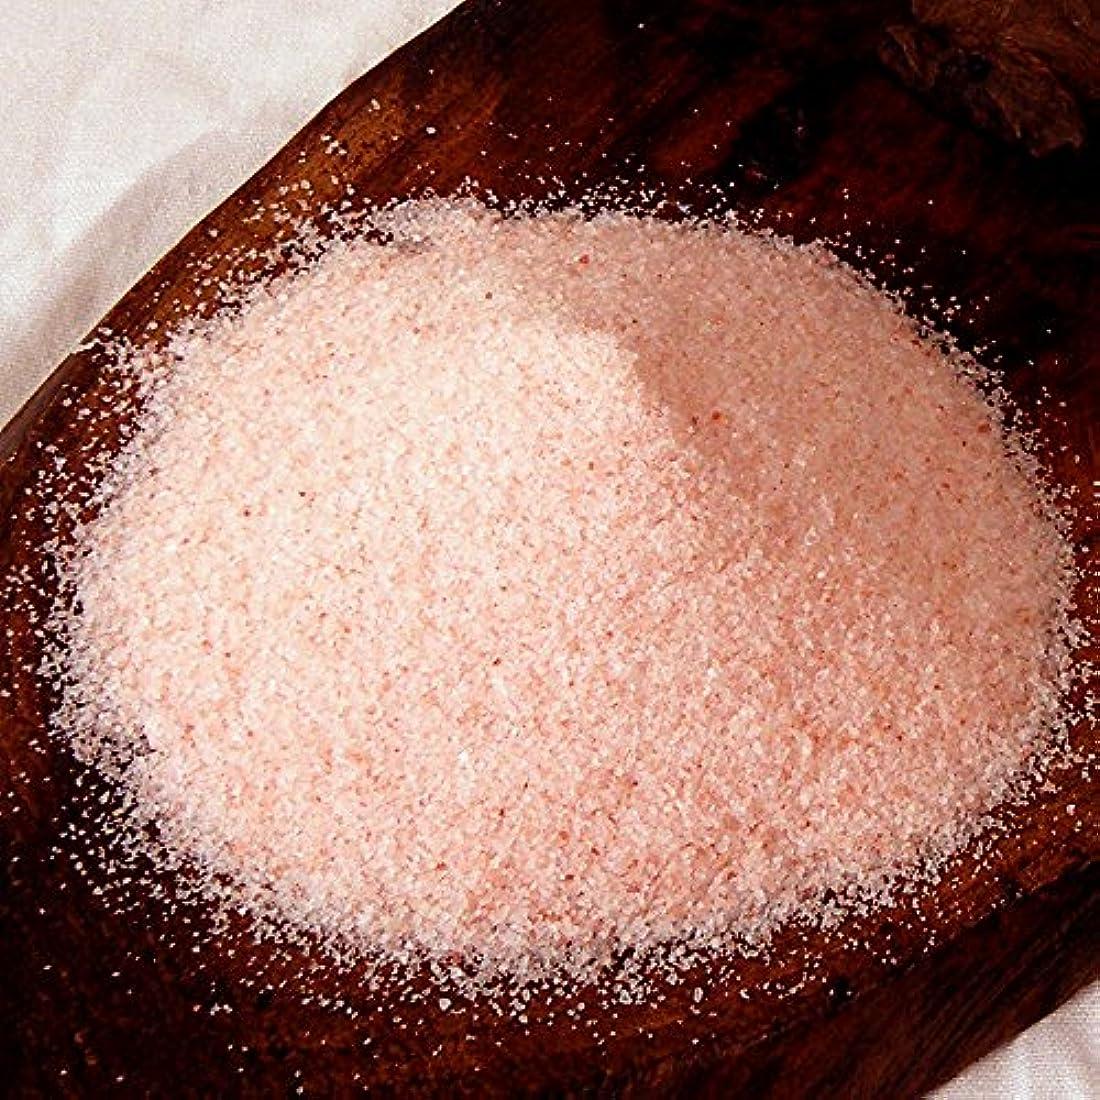 生産性インフレーションきちんとしたヒマラヤ岩塩 バスソルト ローズソルト 溶けやすい細粒タイプ 5kg 塩洗顔にも 【保管に便利な1kg×5パック】